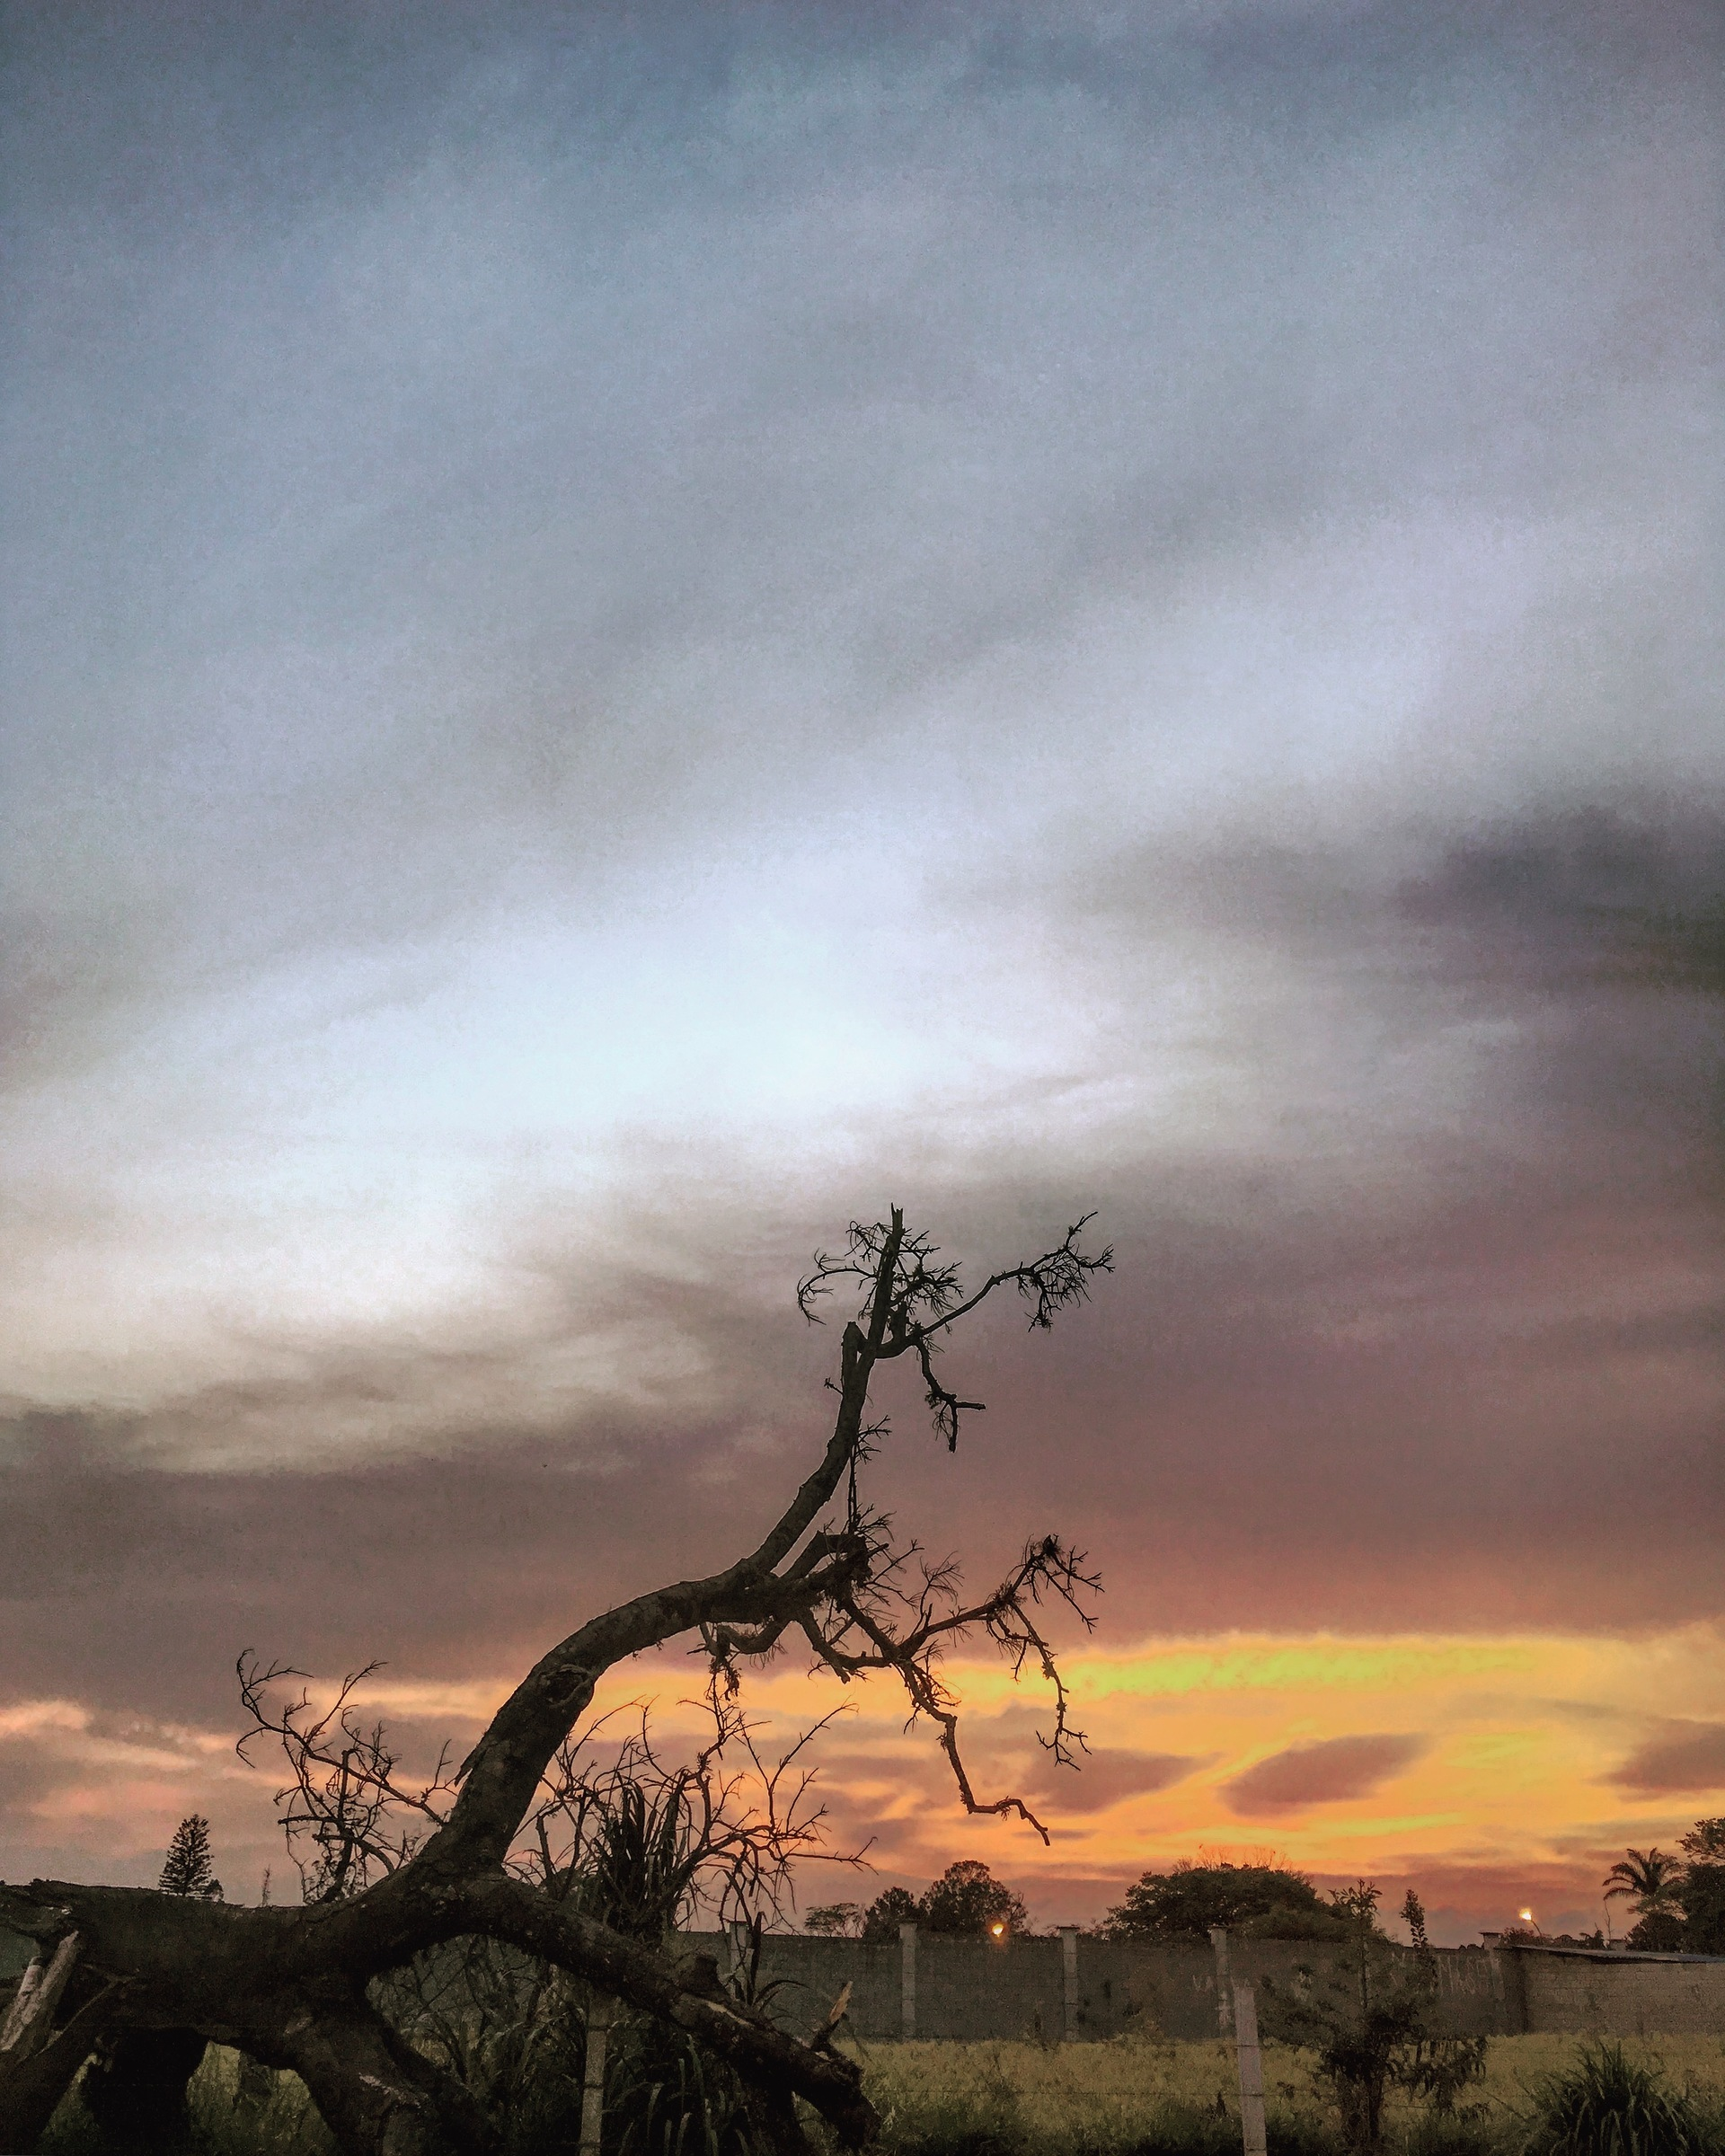 ☀️Eis que o brilho do #sol surgiu, contagiou e animou nosso dia! OPS: cadê ele??? 😬 #natureza #paisagem #fotografia #amanhecer #morning